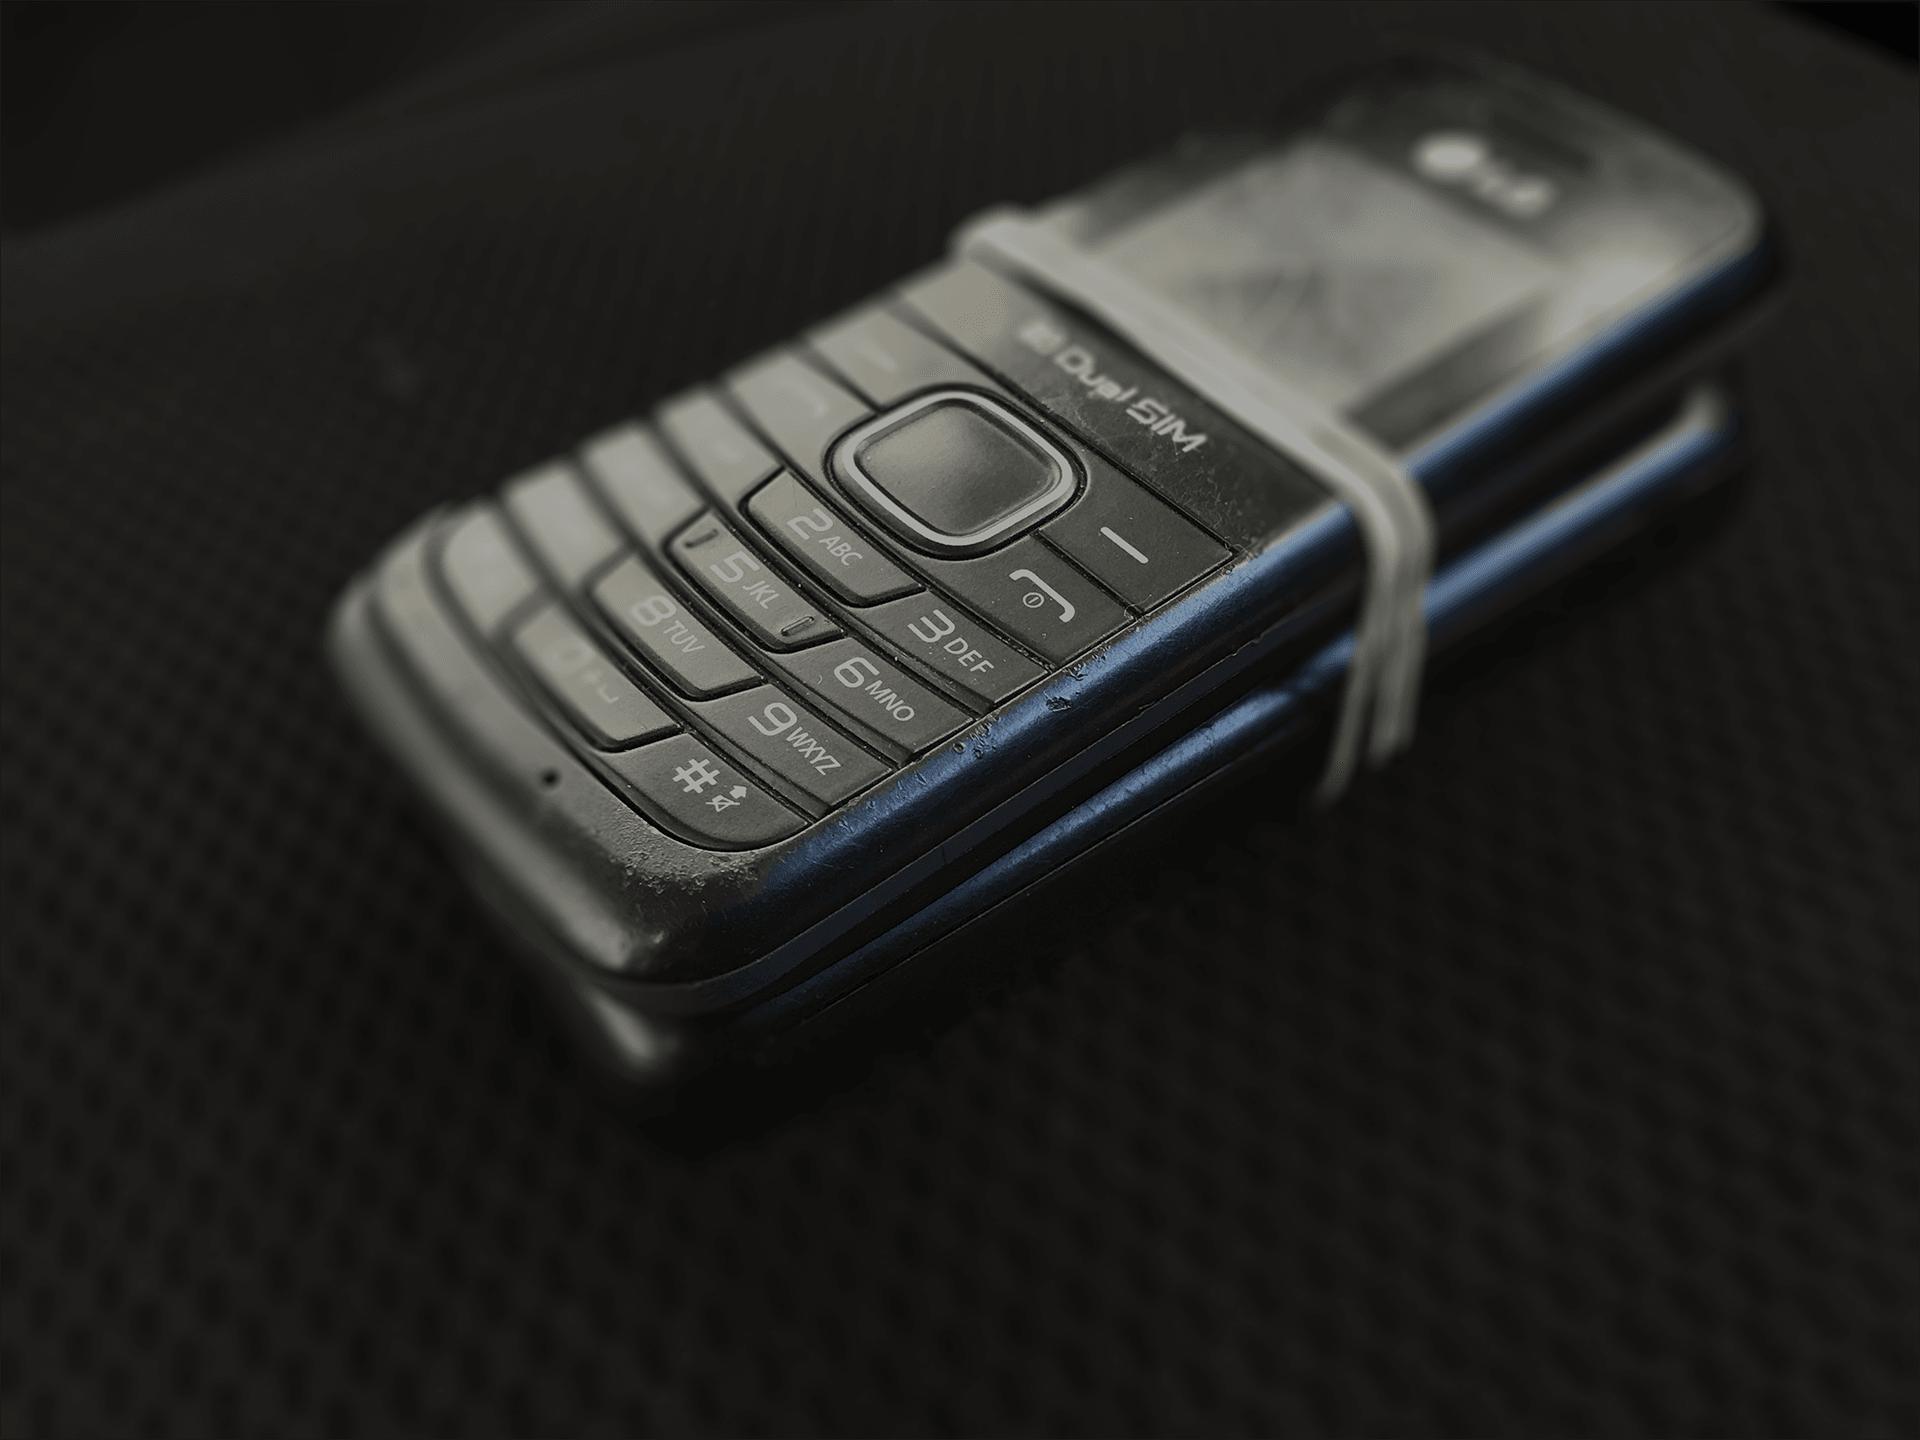 Une radio communautaire sur téléphone portable